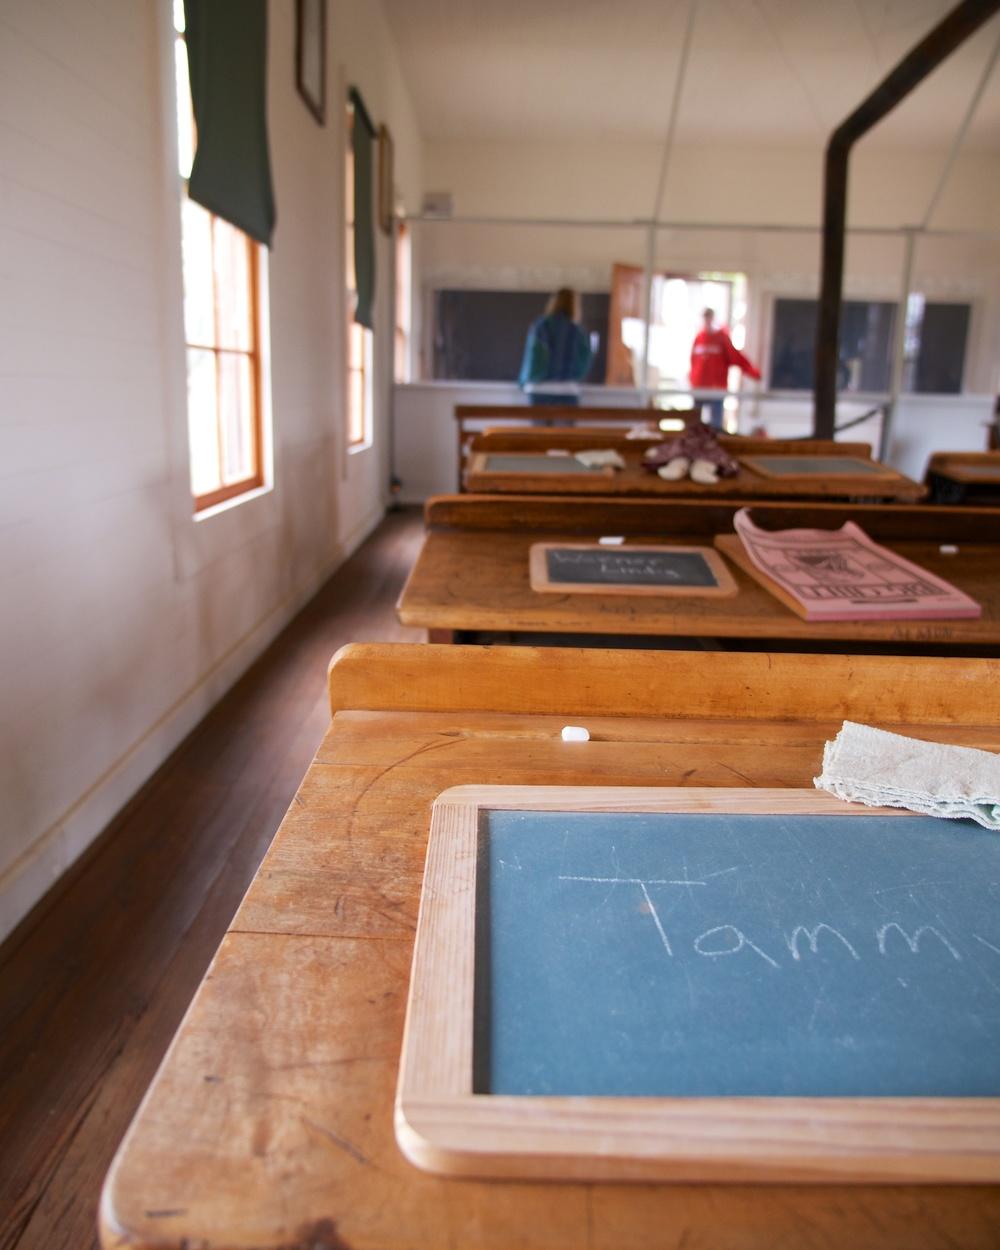 Junction School